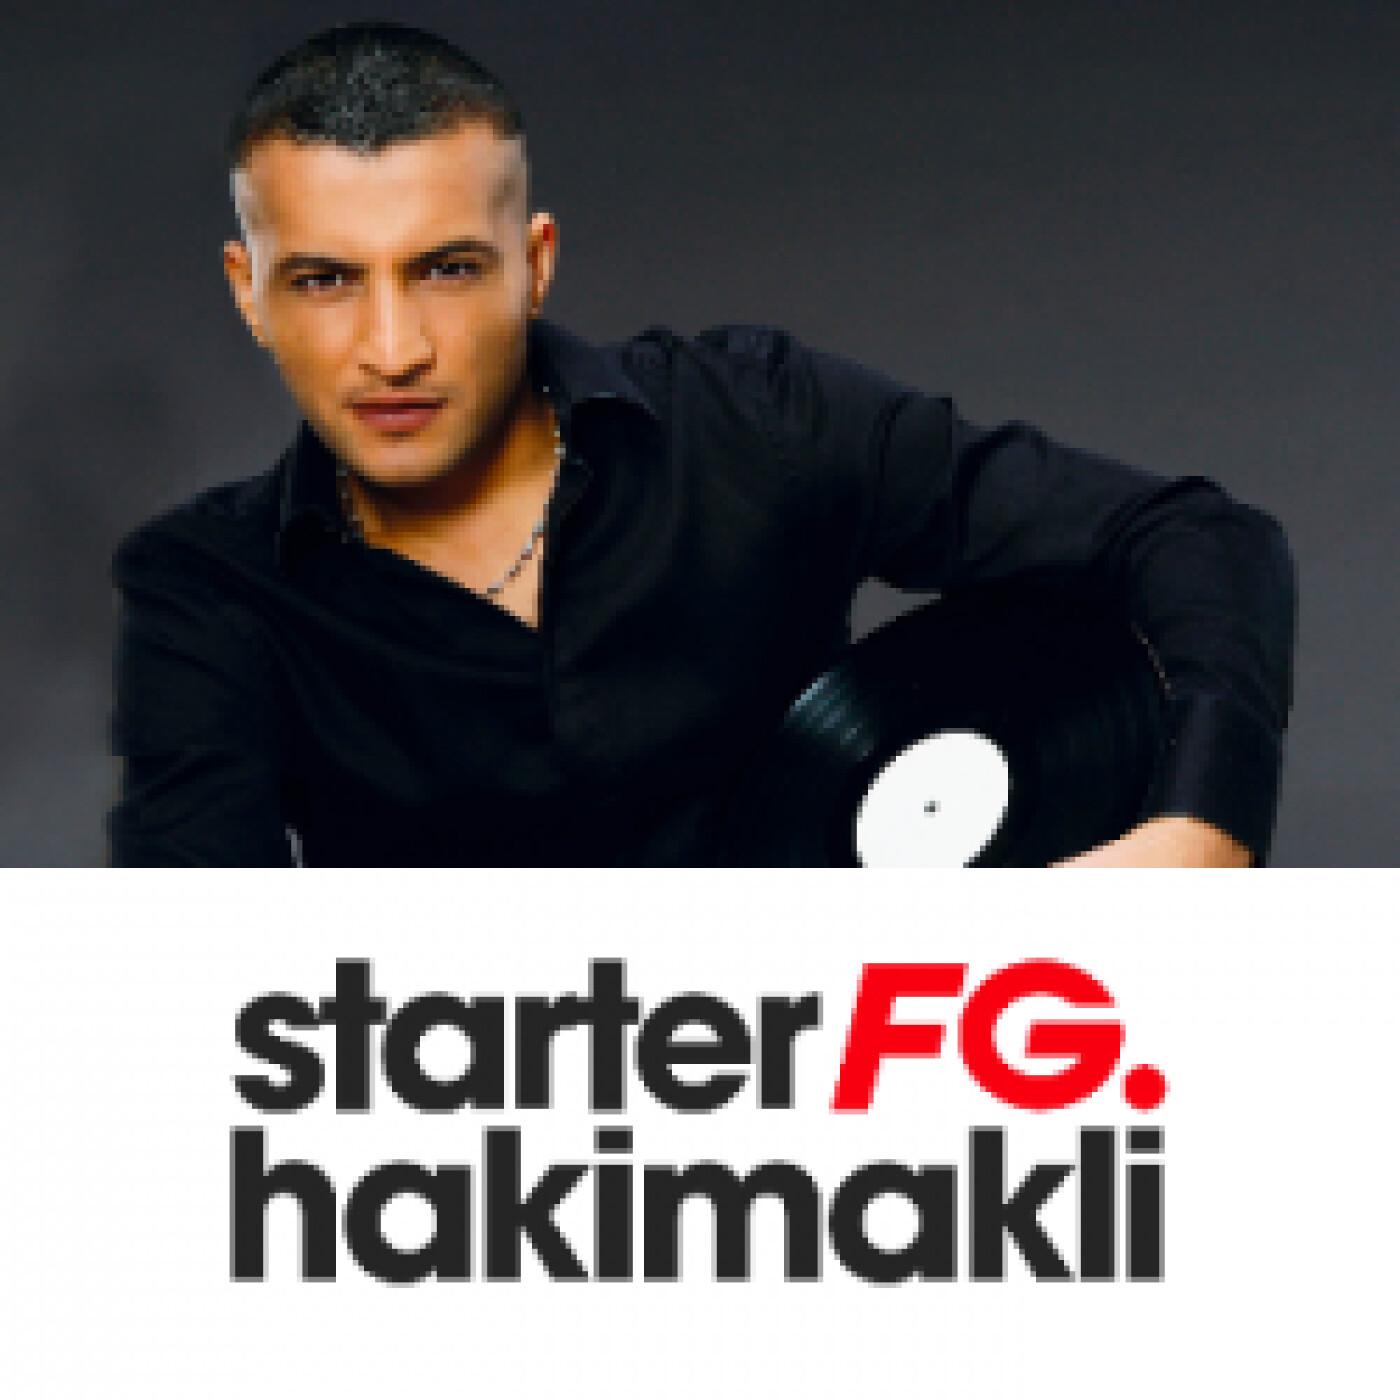 STARTER FG BY HAKIMAKLI LUNDI 15 MARS 2021